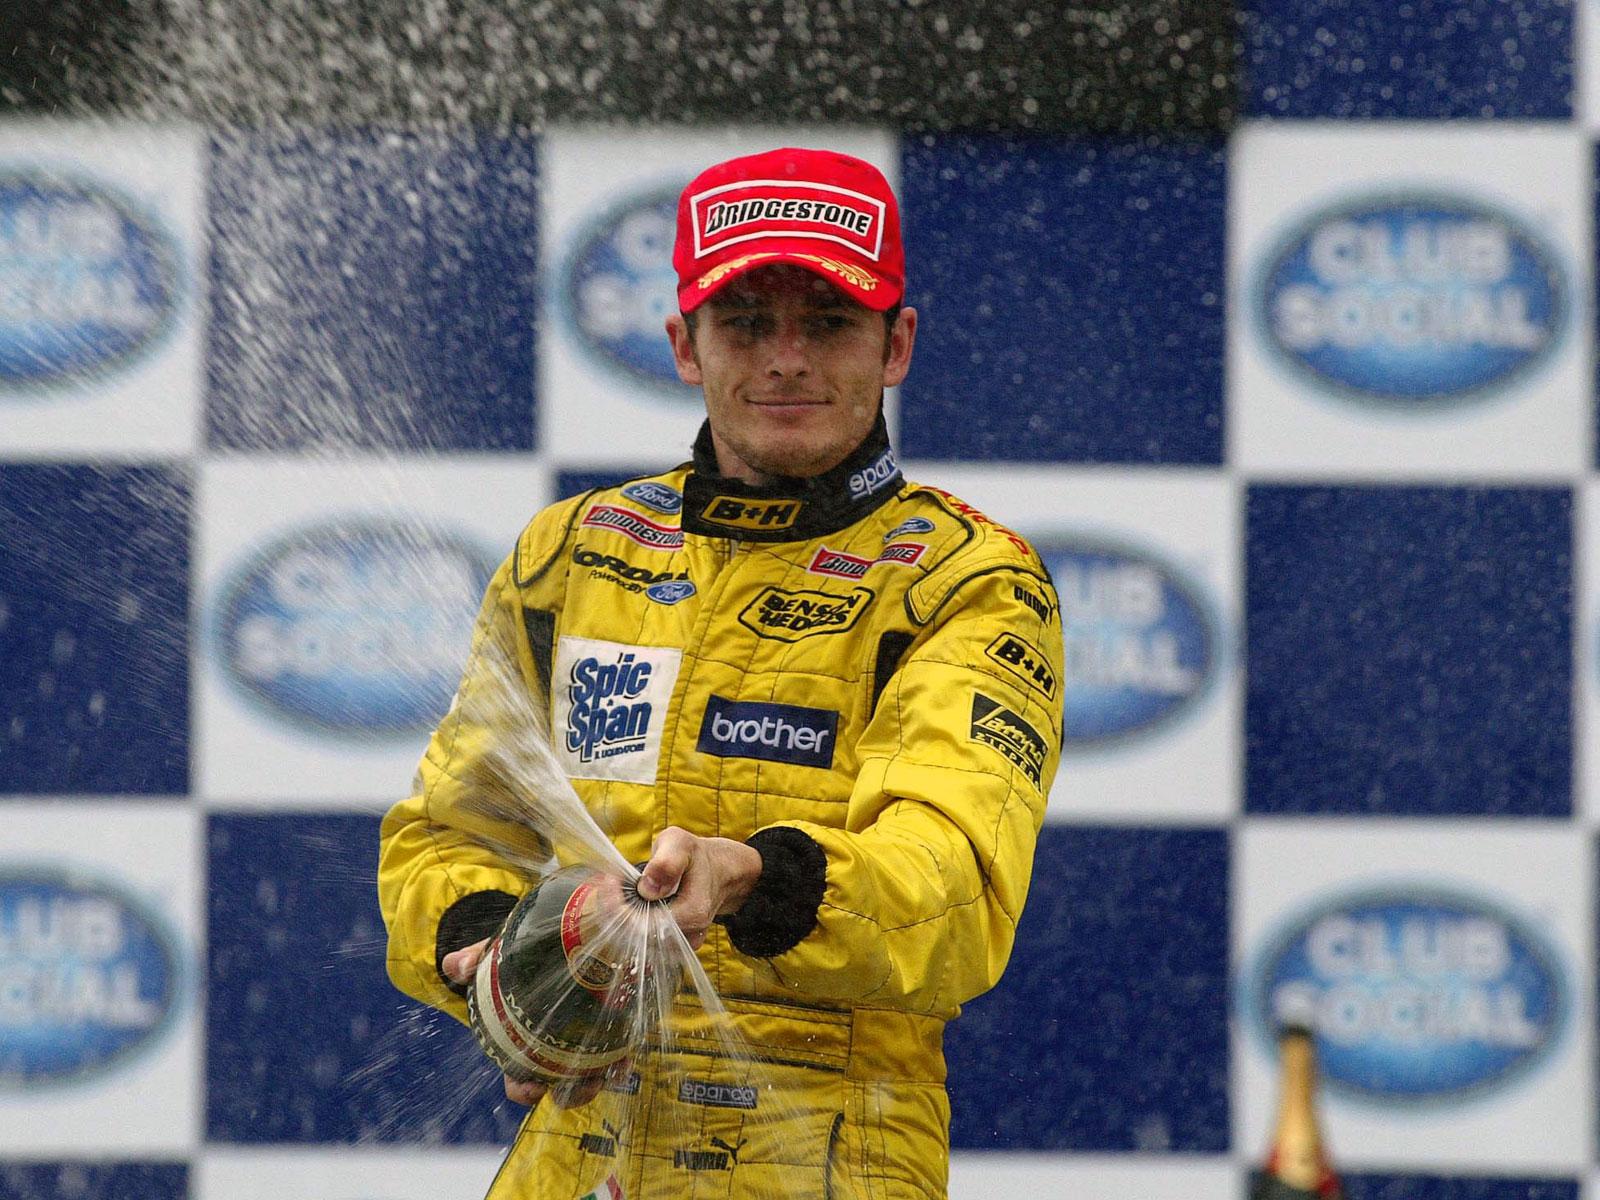 Giancarlo Fisichella first win 2003 Brazil F1 GP